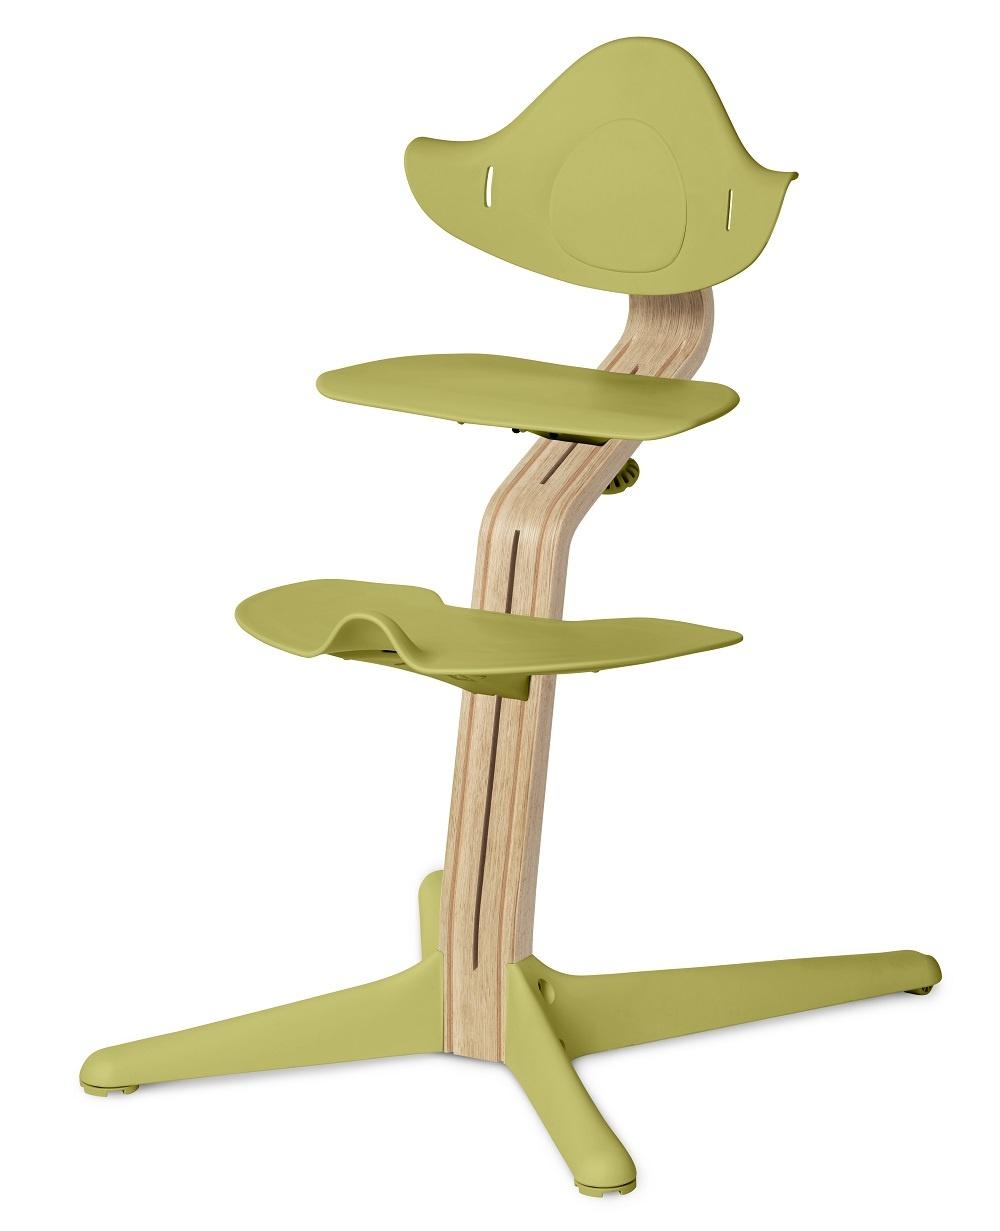 NOMI highchair meegroeistoel Basis eiken wit oiled en stoel Lime